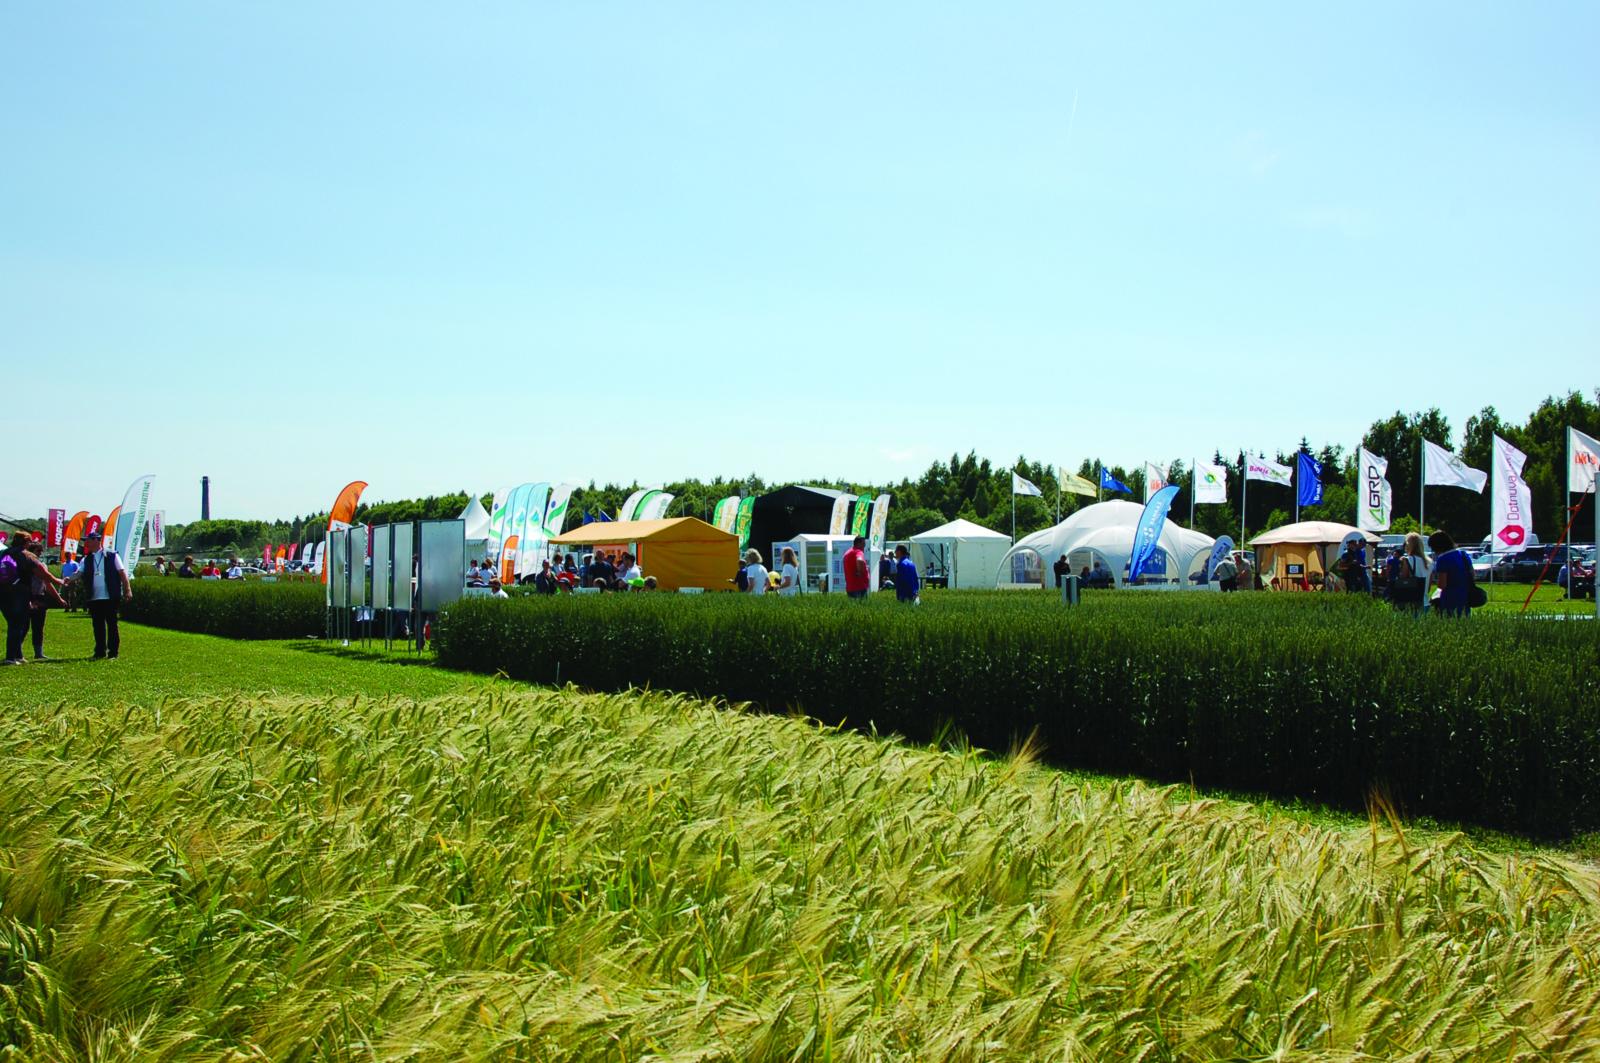 """Žemės ūkio technologijų paroda """"Agrovizija 2019"""" – skaičiais"""